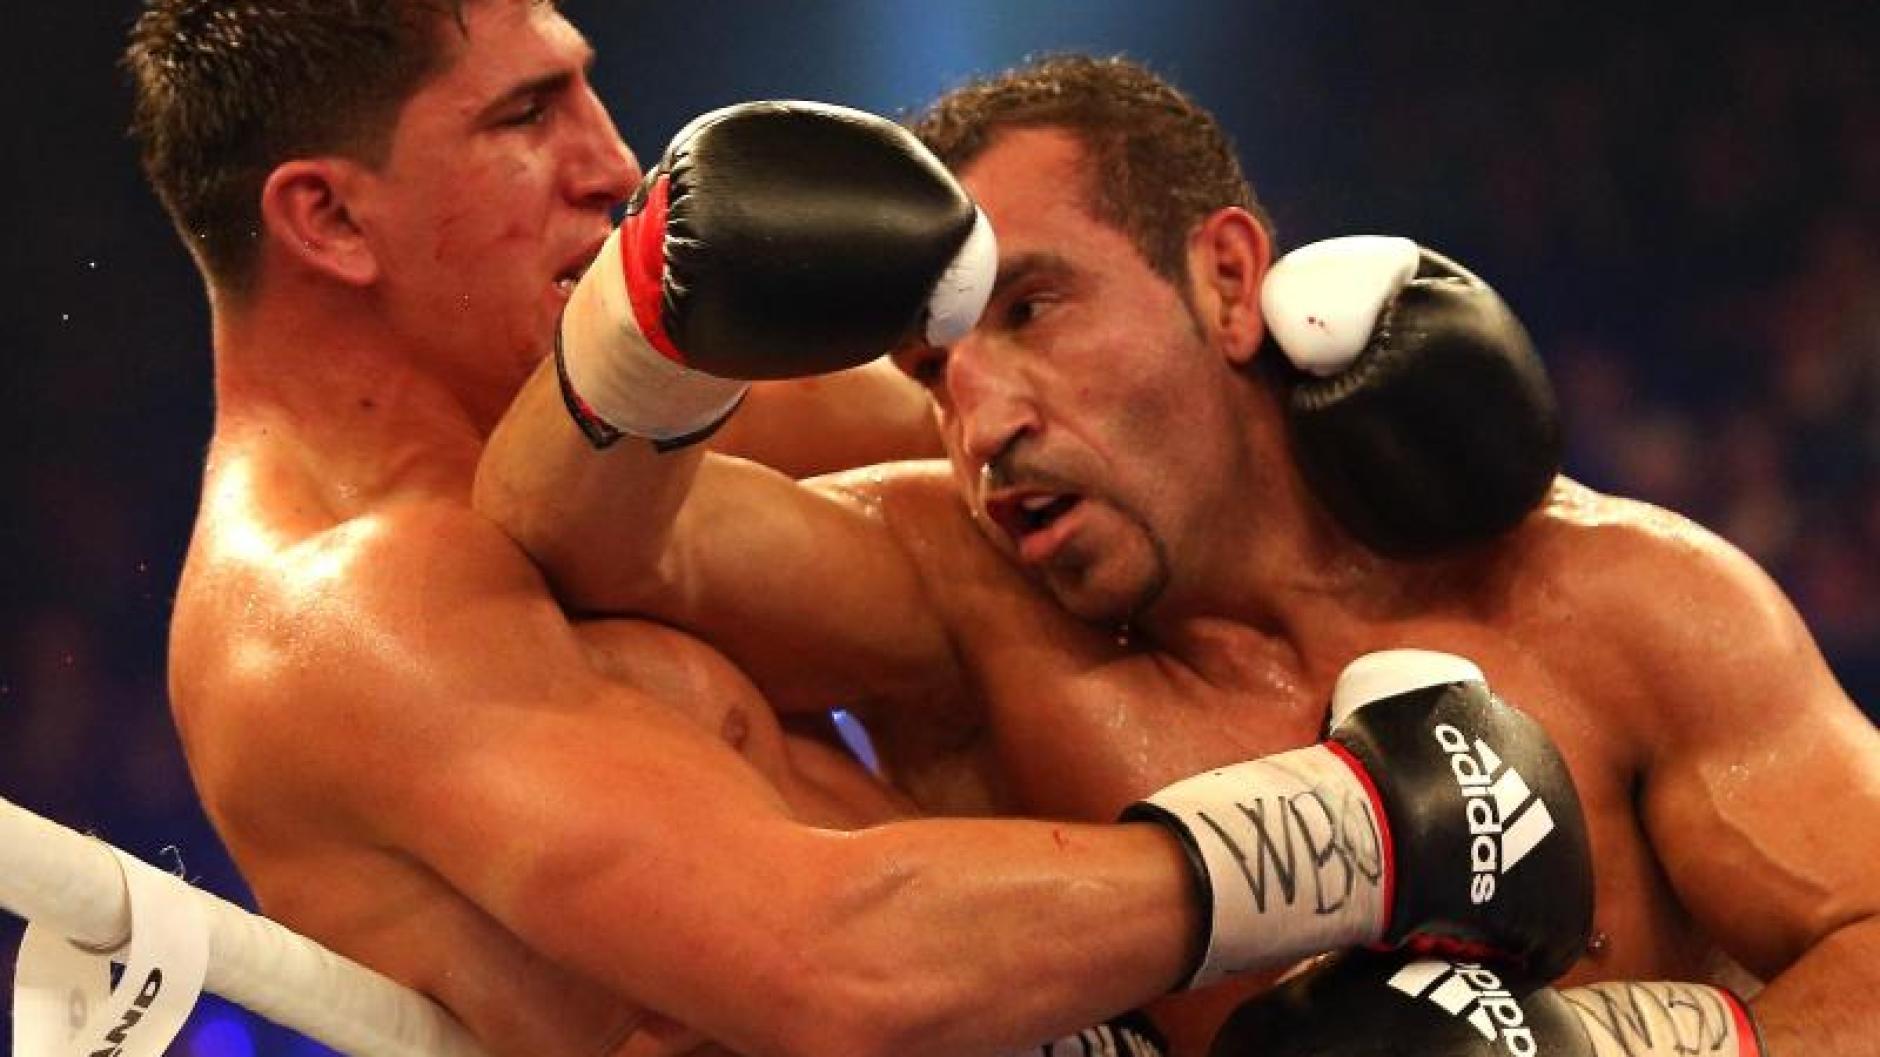 Boxkampf Heute Abend